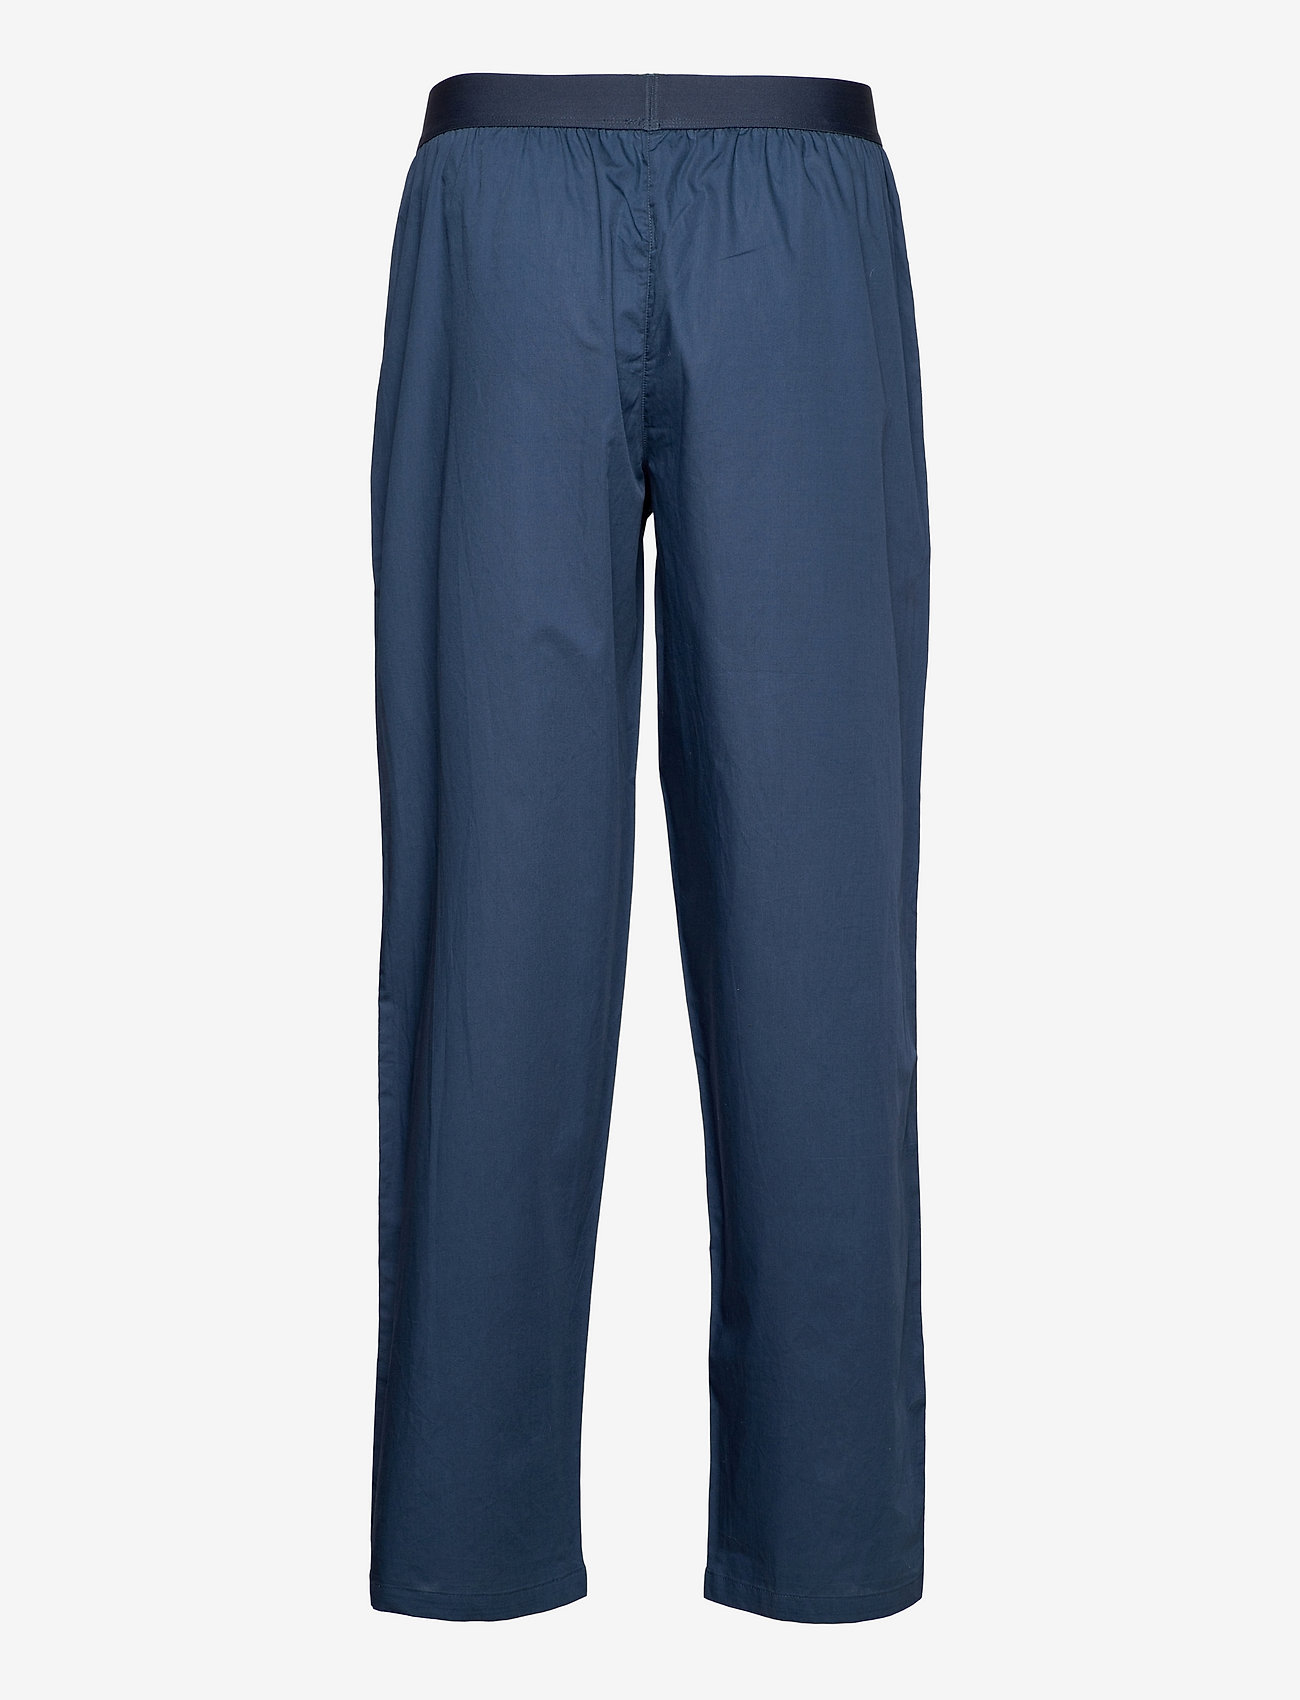 Resteröds - Resteröds Pyjamas pants Org. - bottoms - navy - 1